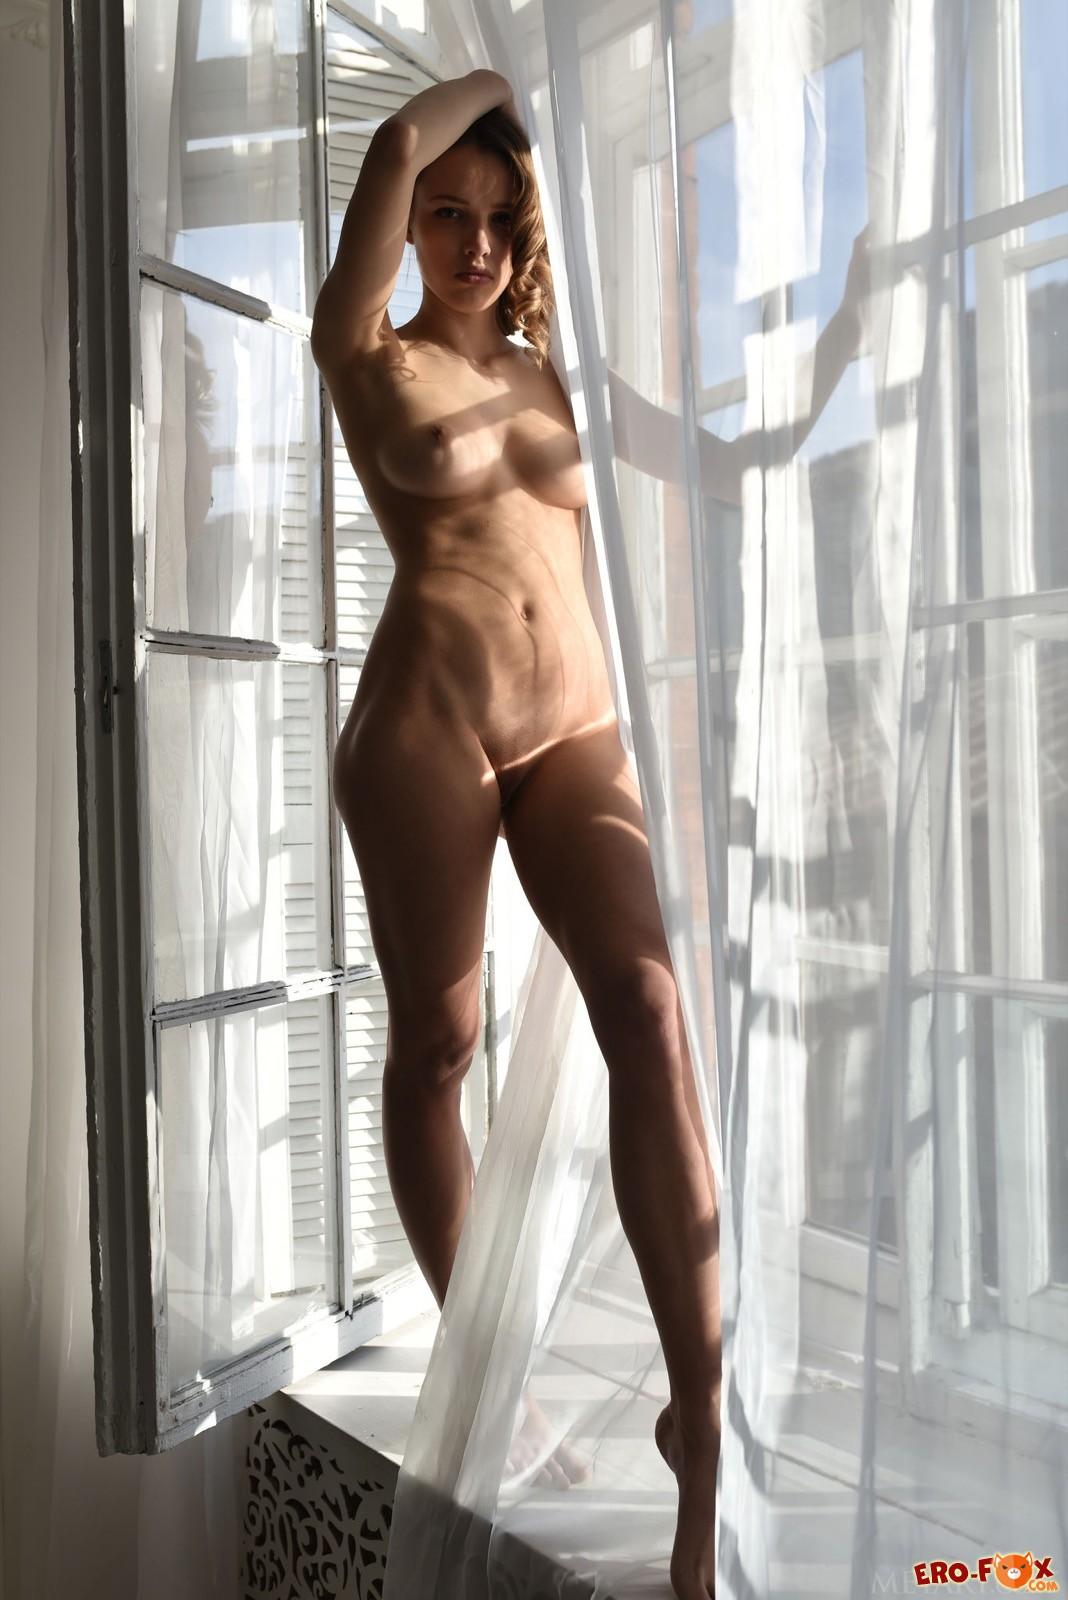 Голая девушка за прозрачными занавесками - фото